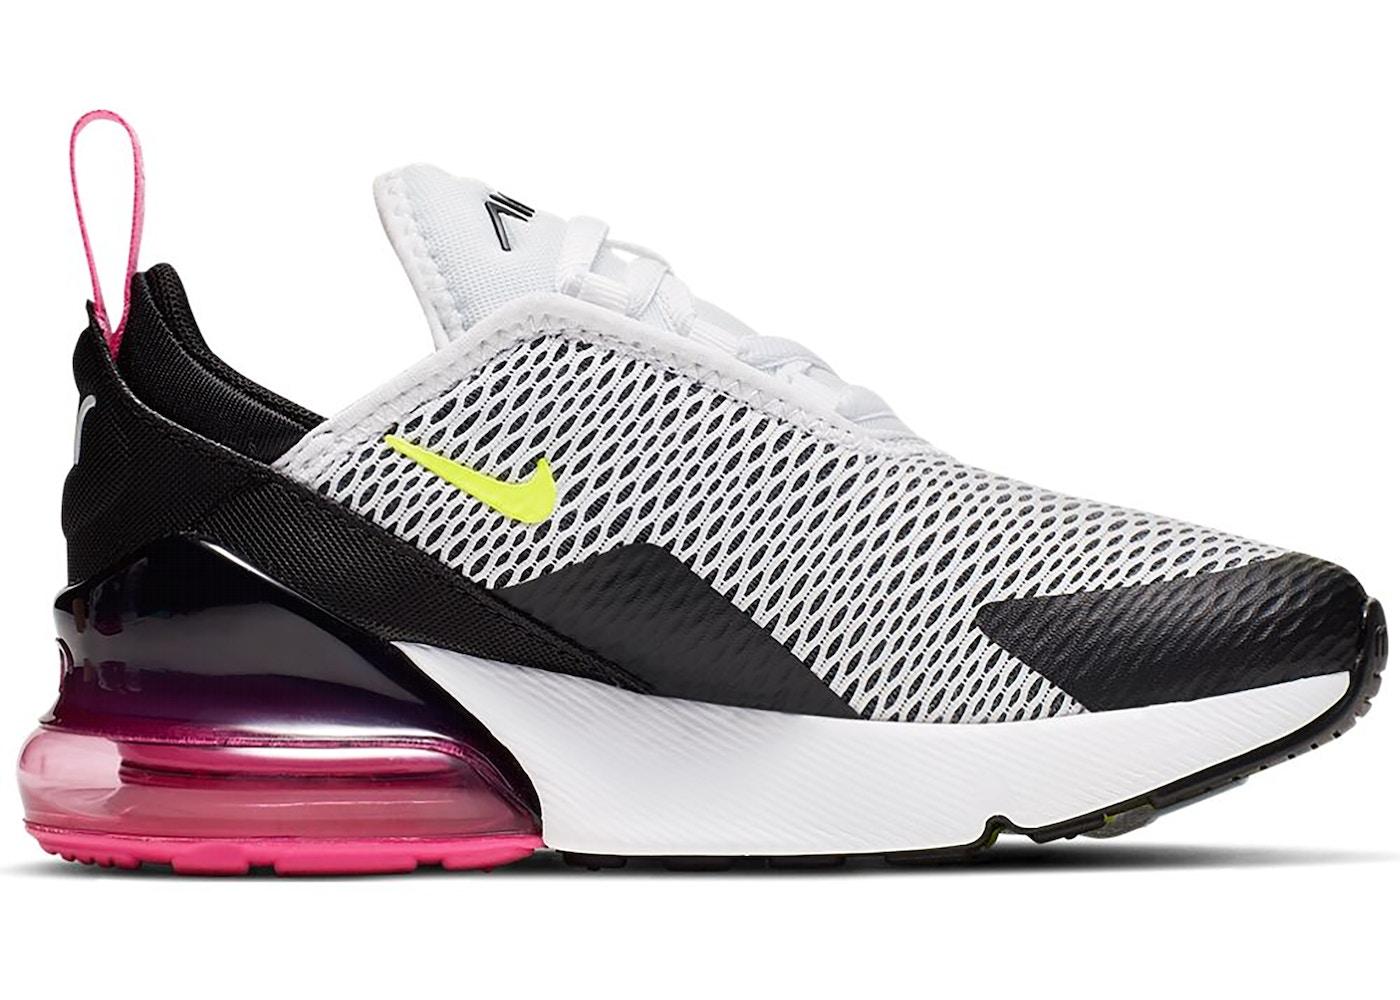 Nike Air Max 270 White Black Fuchsia Volt (PS)